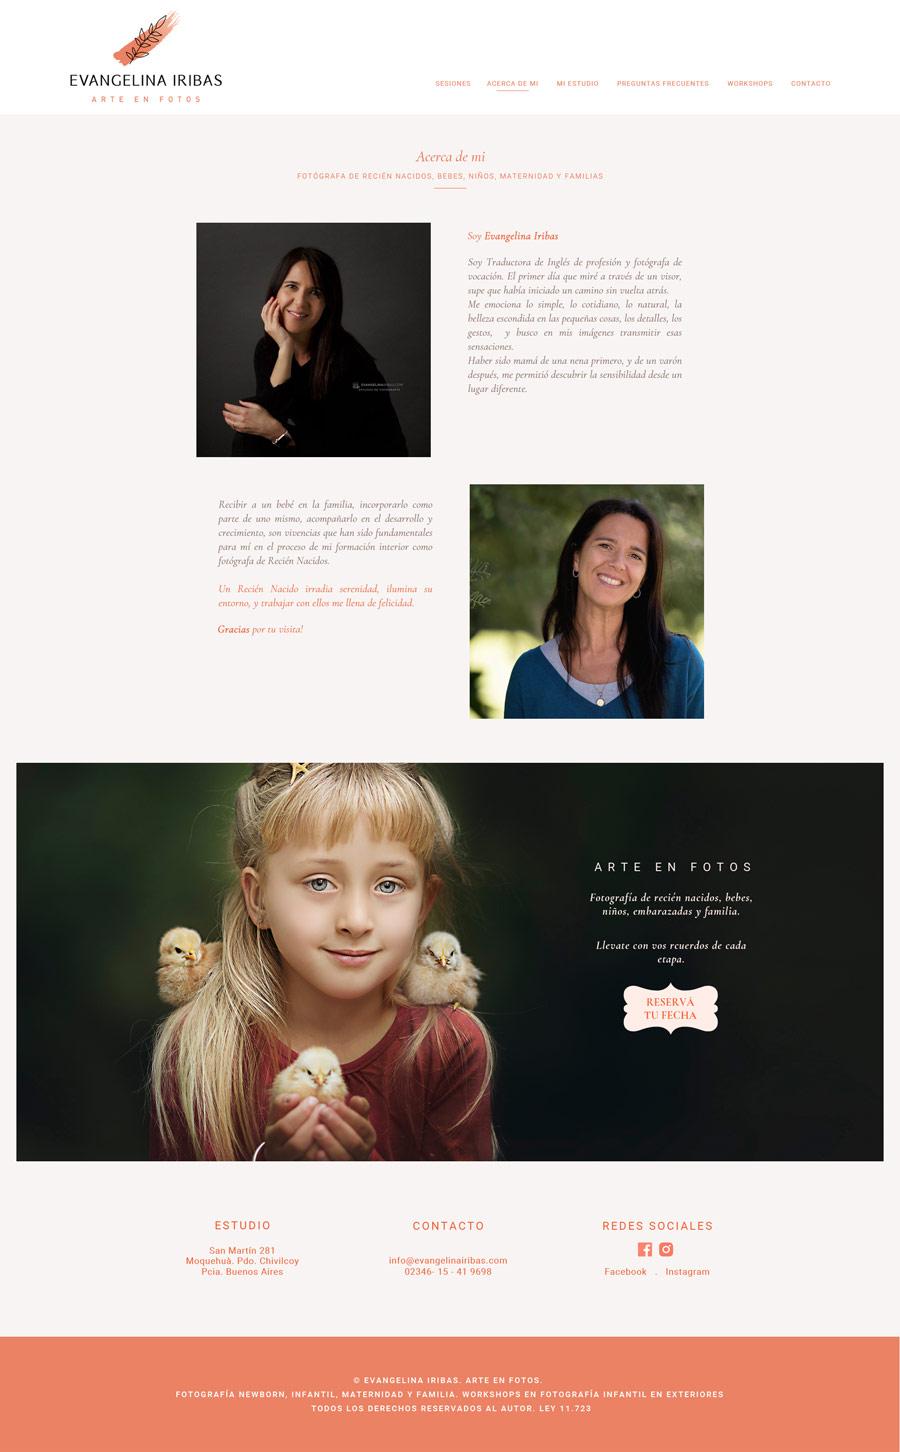 Acerca de mi, sección de la web de Evangelina Iribas, Fotógrafa